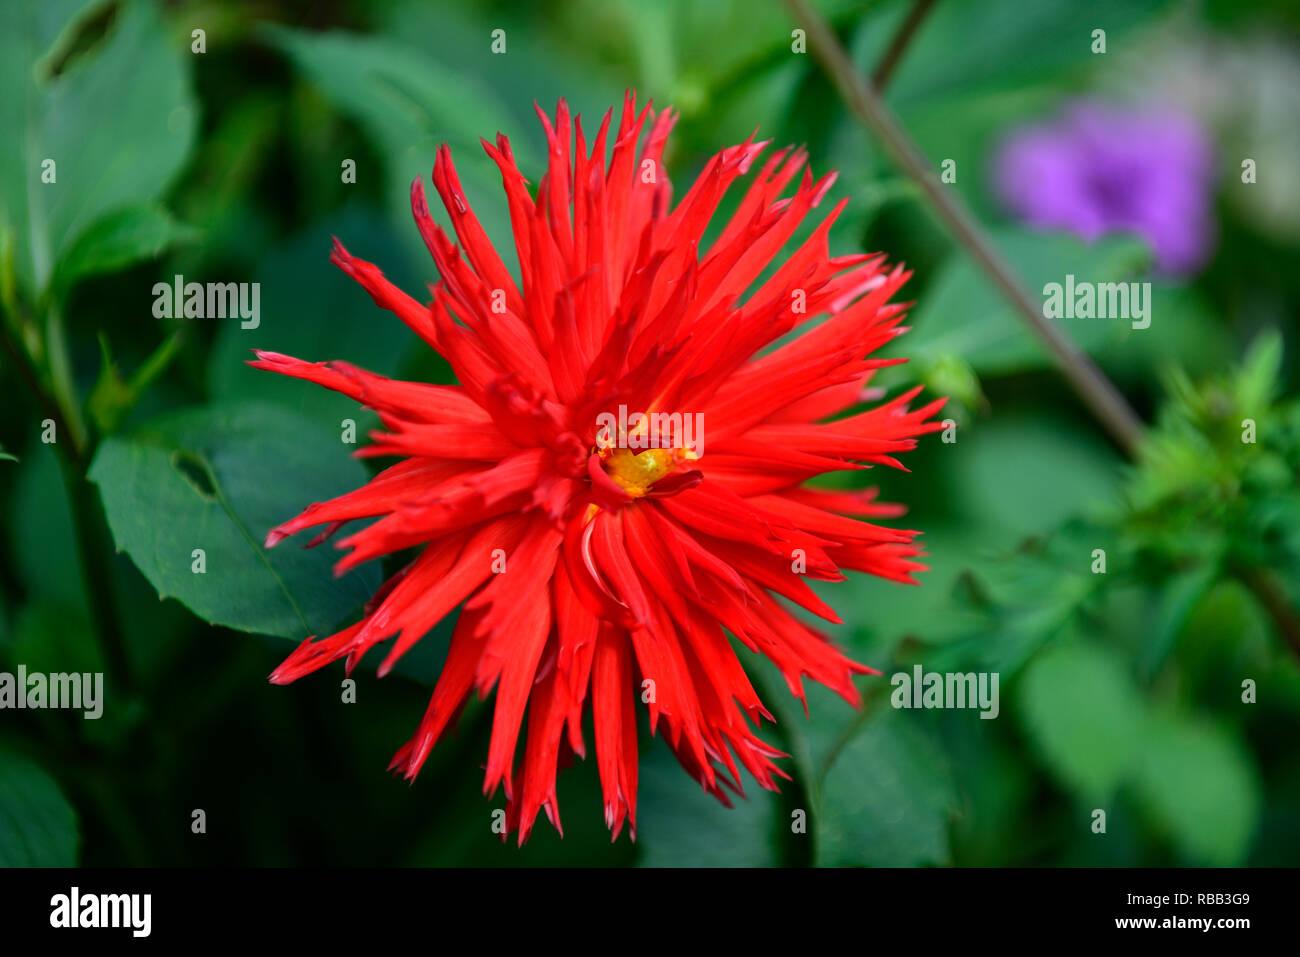 dahlia hillcrest royal,red,scarlet,magenta,dahlias,cactus dahlia,tropical,exotic,RM Floral - Stock Image